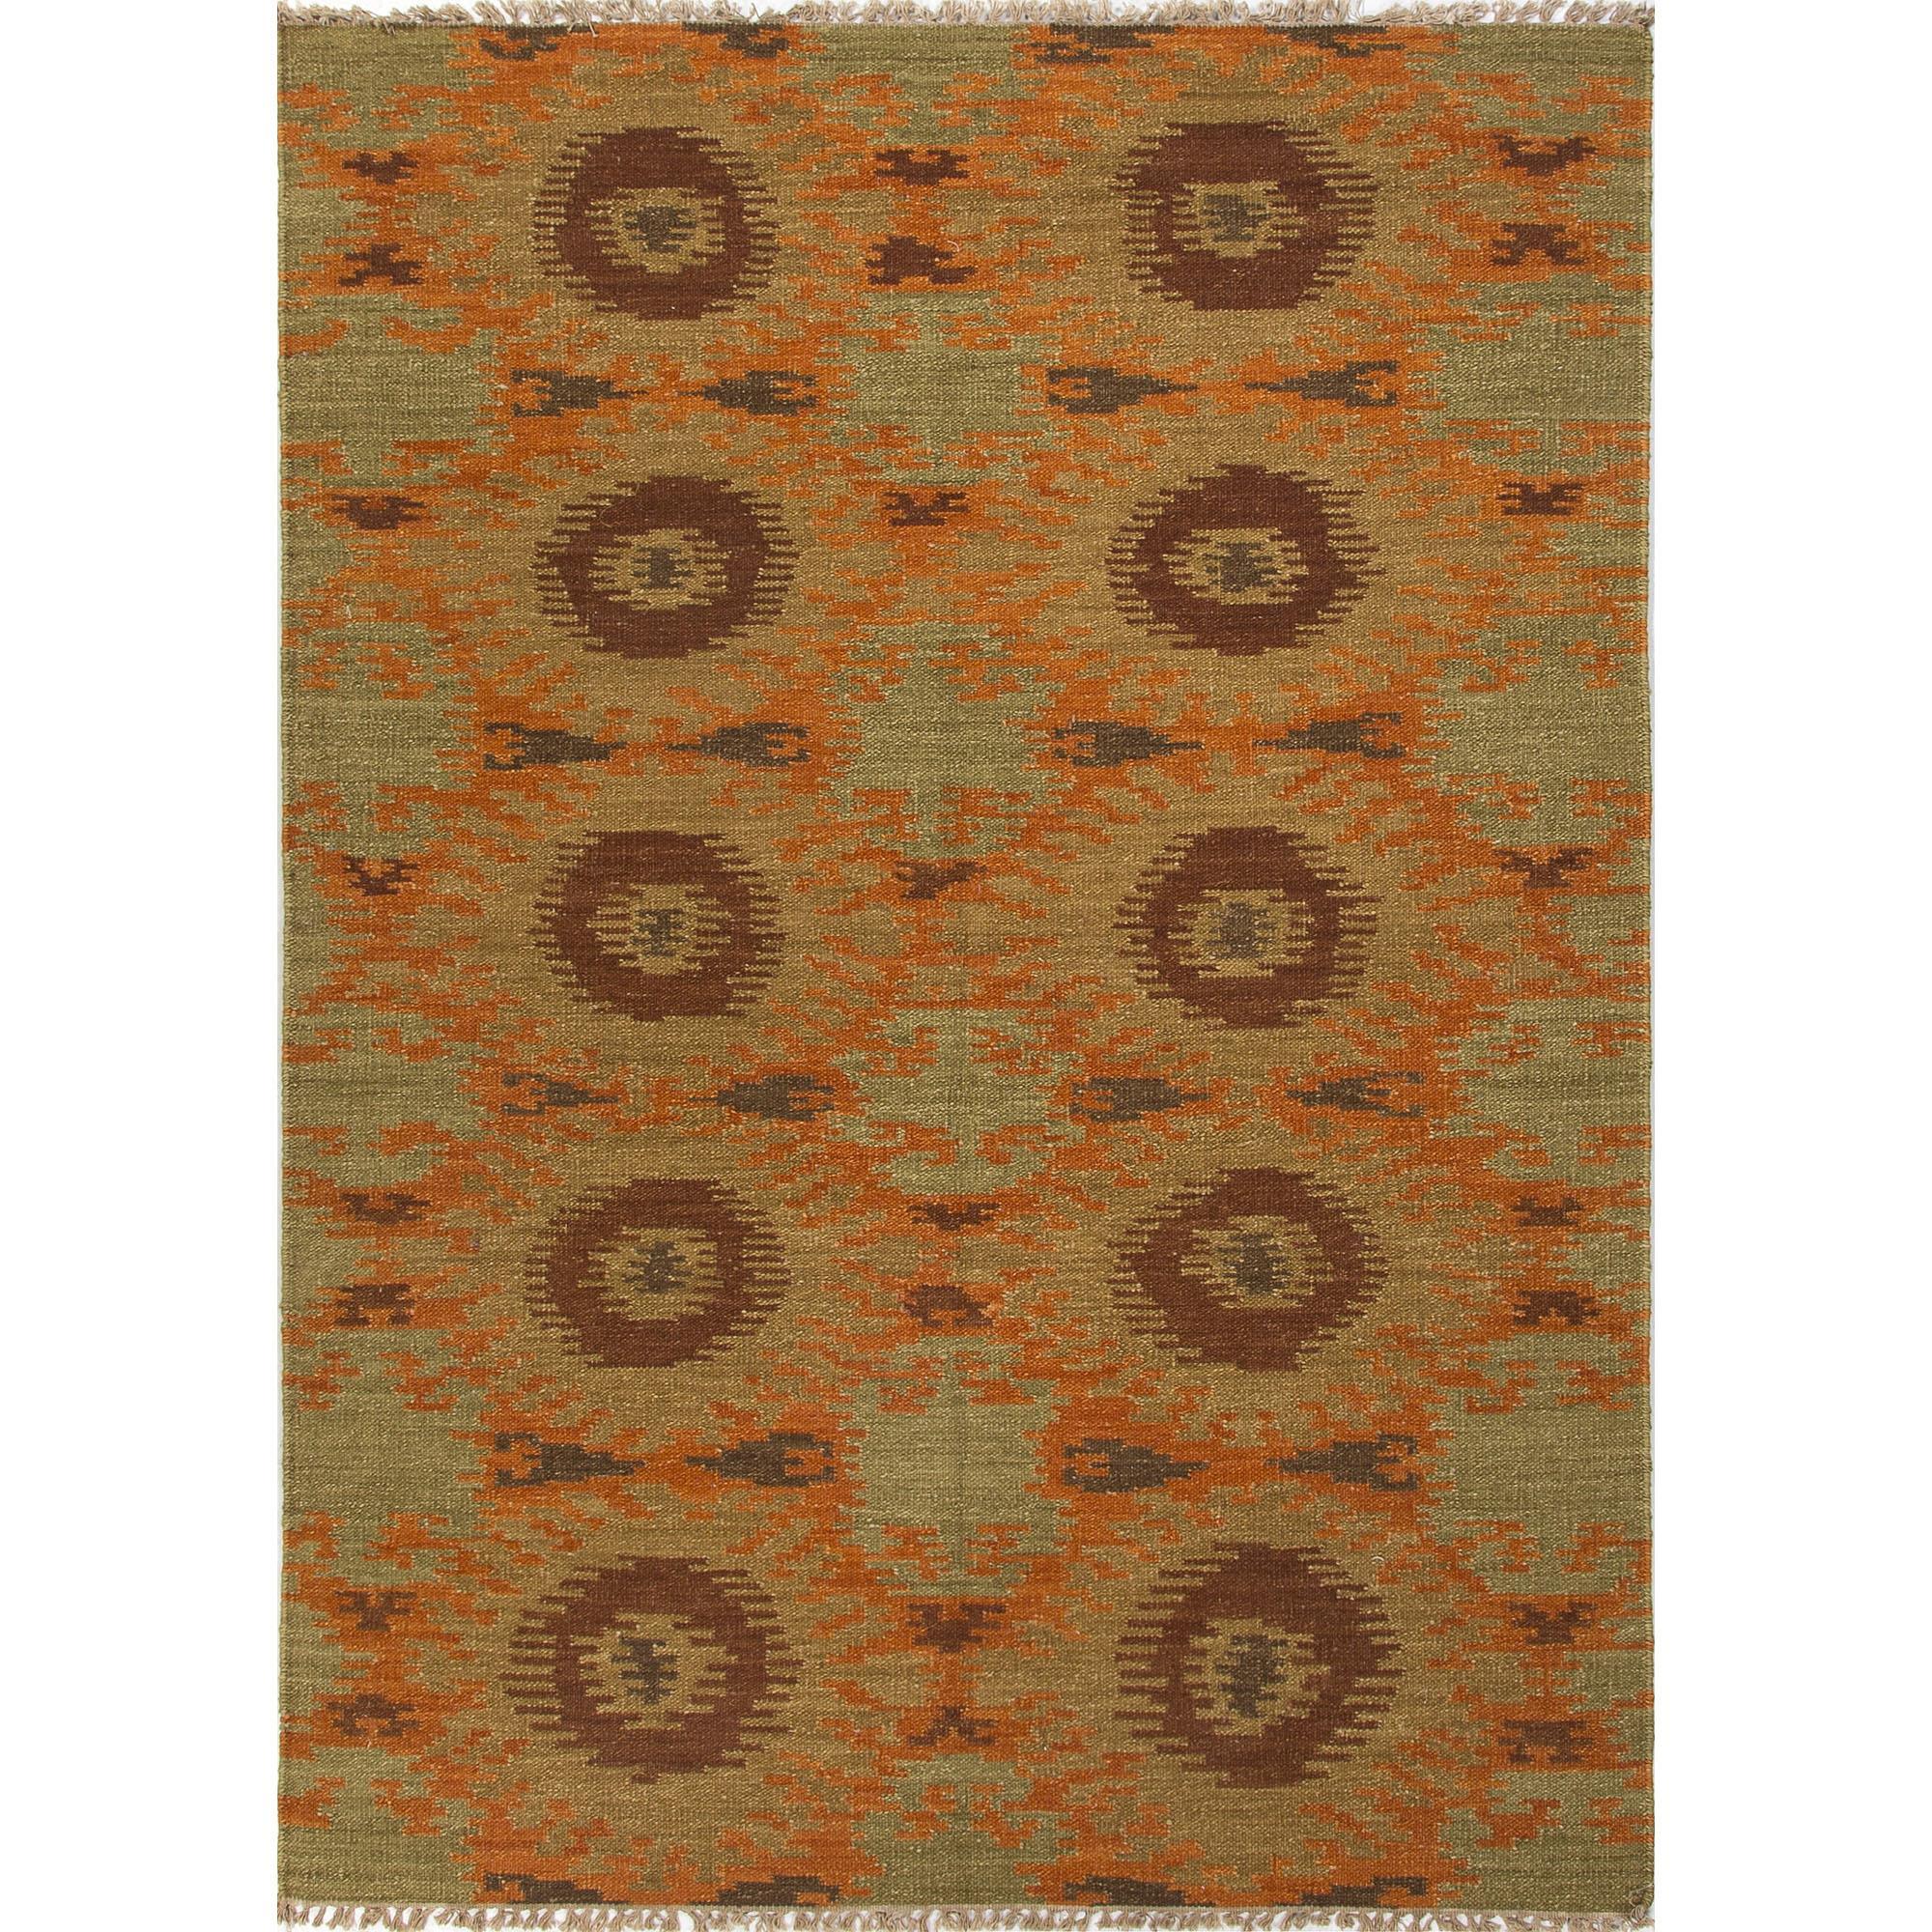 JAIPUR Rugs Anatolia 2 x 3 Rug - Item Number: RUG112337